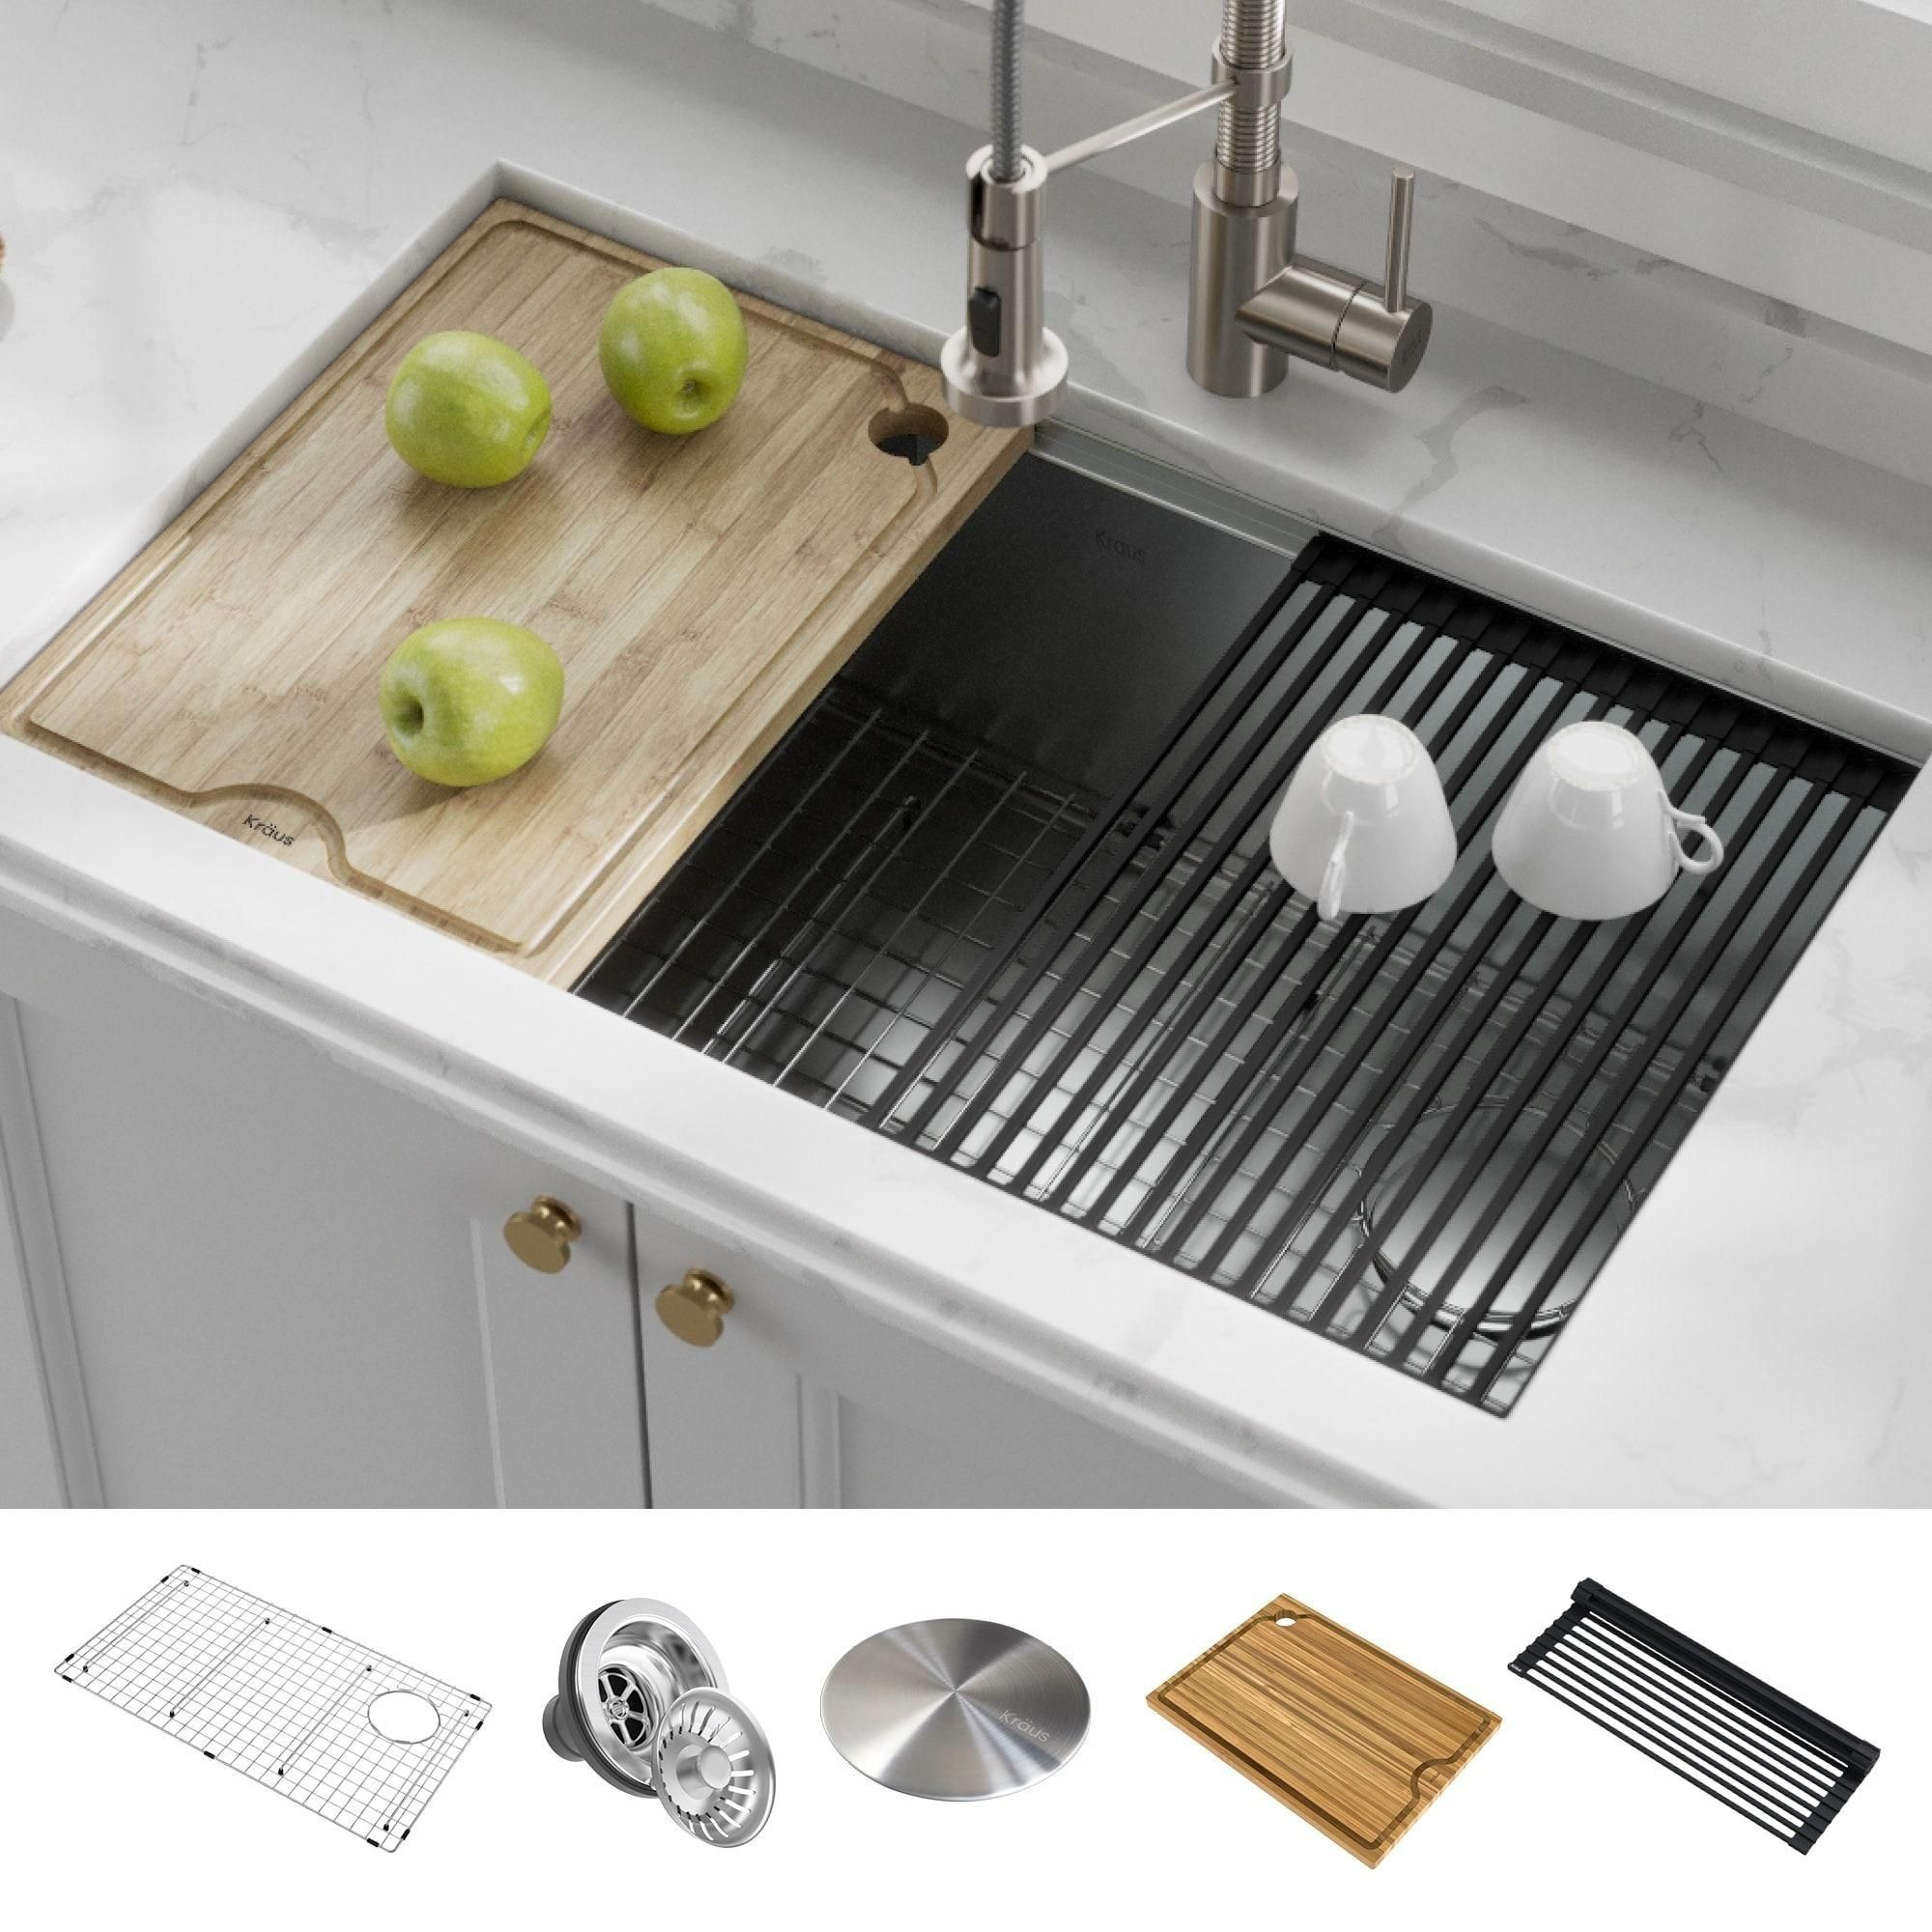 Kraus Kore Workstation Undermount Stainless Steel Kitchen Sink 31 Stainless Steel Kitchen Sink Undermount Undermount Kitchen Sinks Single Bowl Kitchen Sink